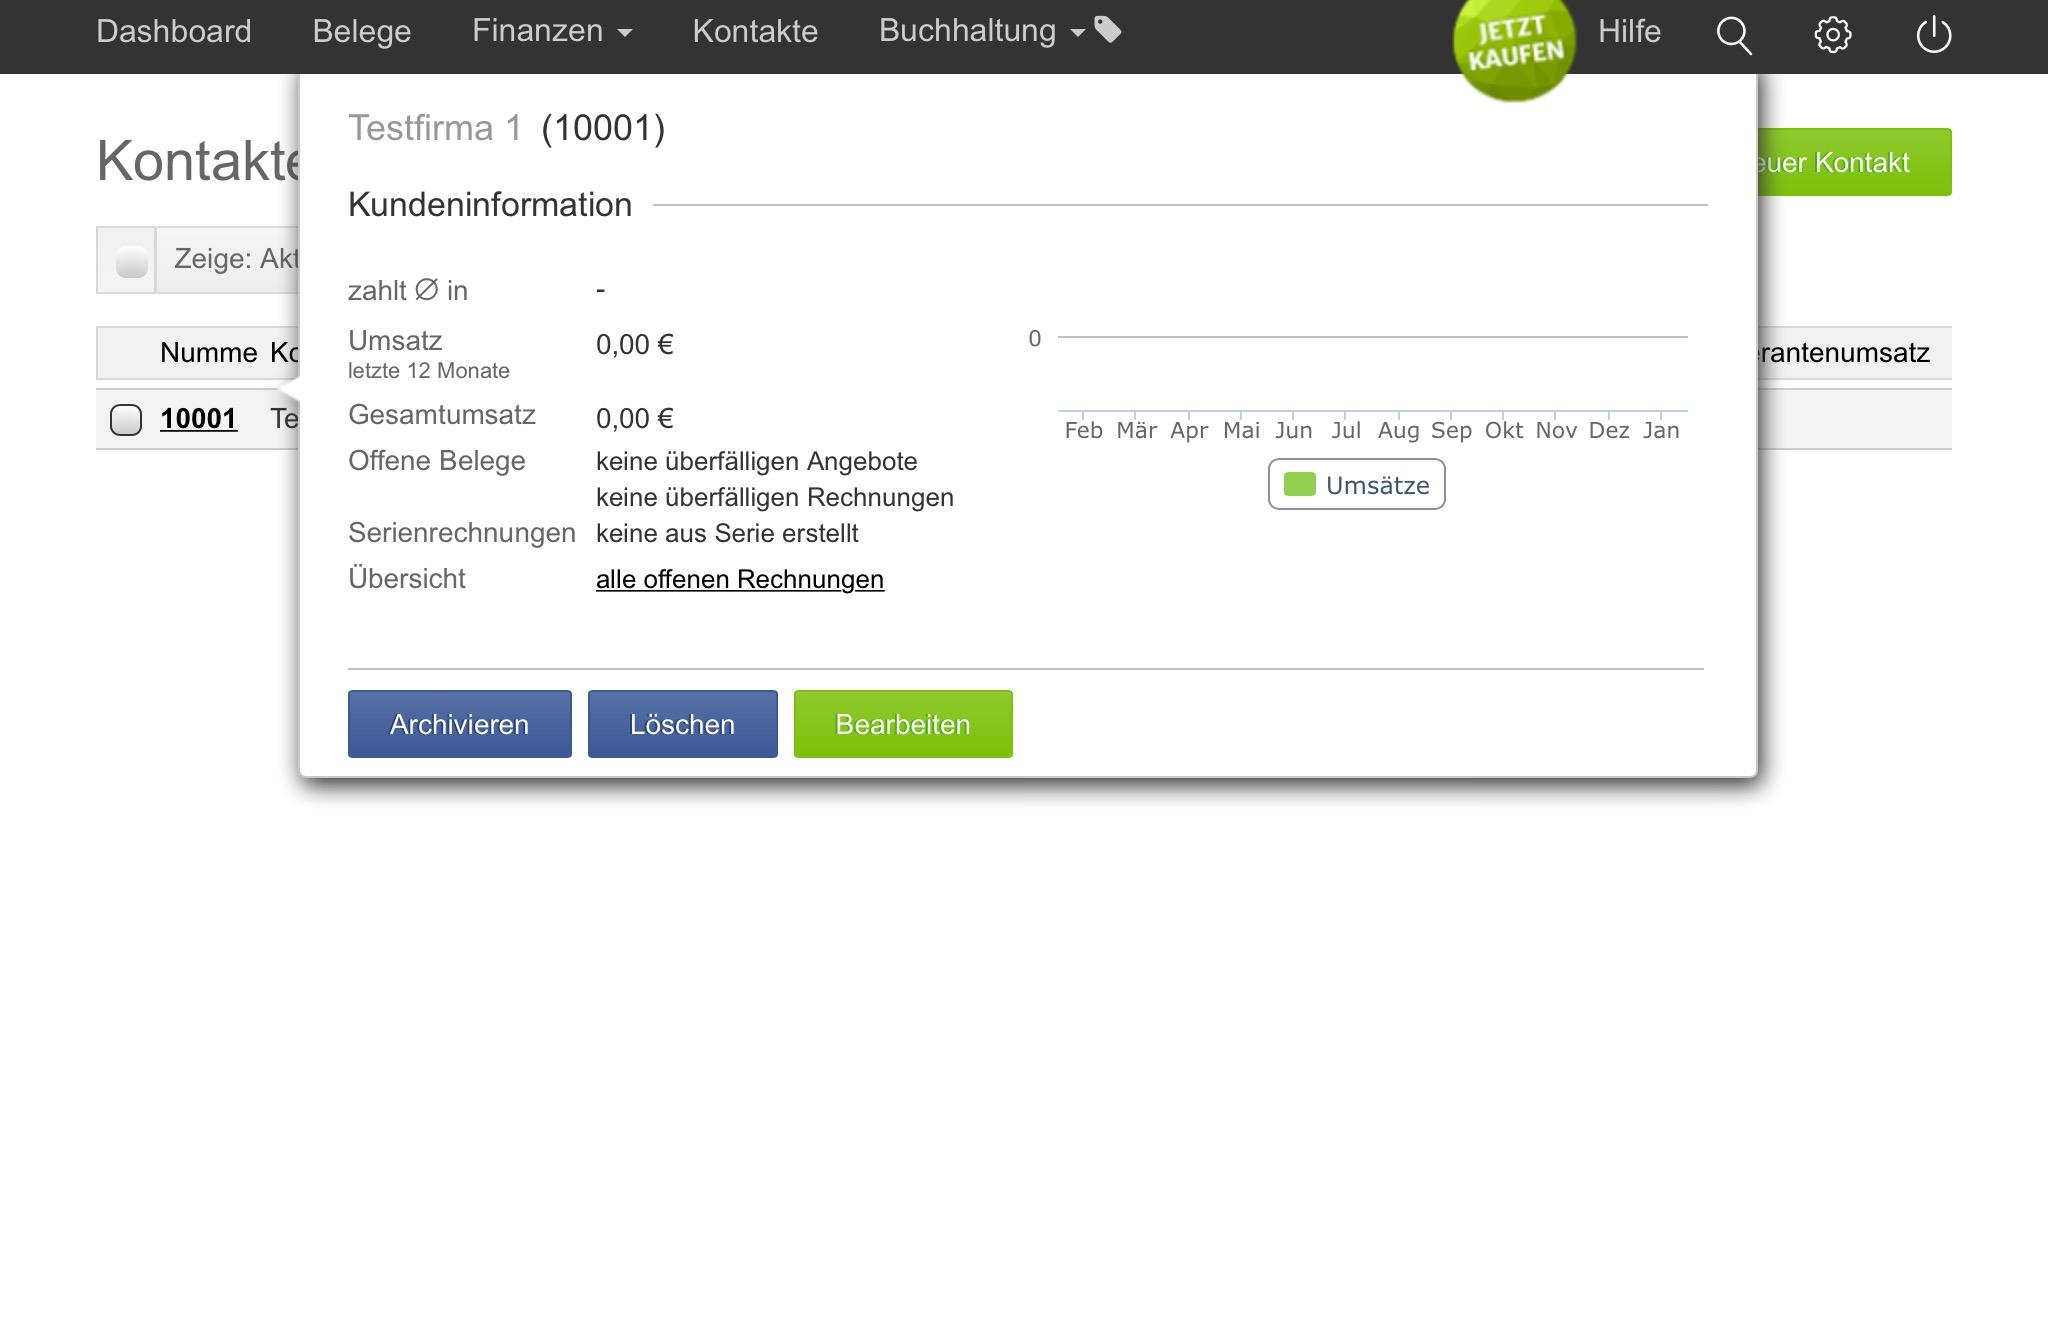 Alle Kundeninfos auf einen Blick - inklusive Angaben zu den Umsätzen. So bequem geht's halt nur mit Software.